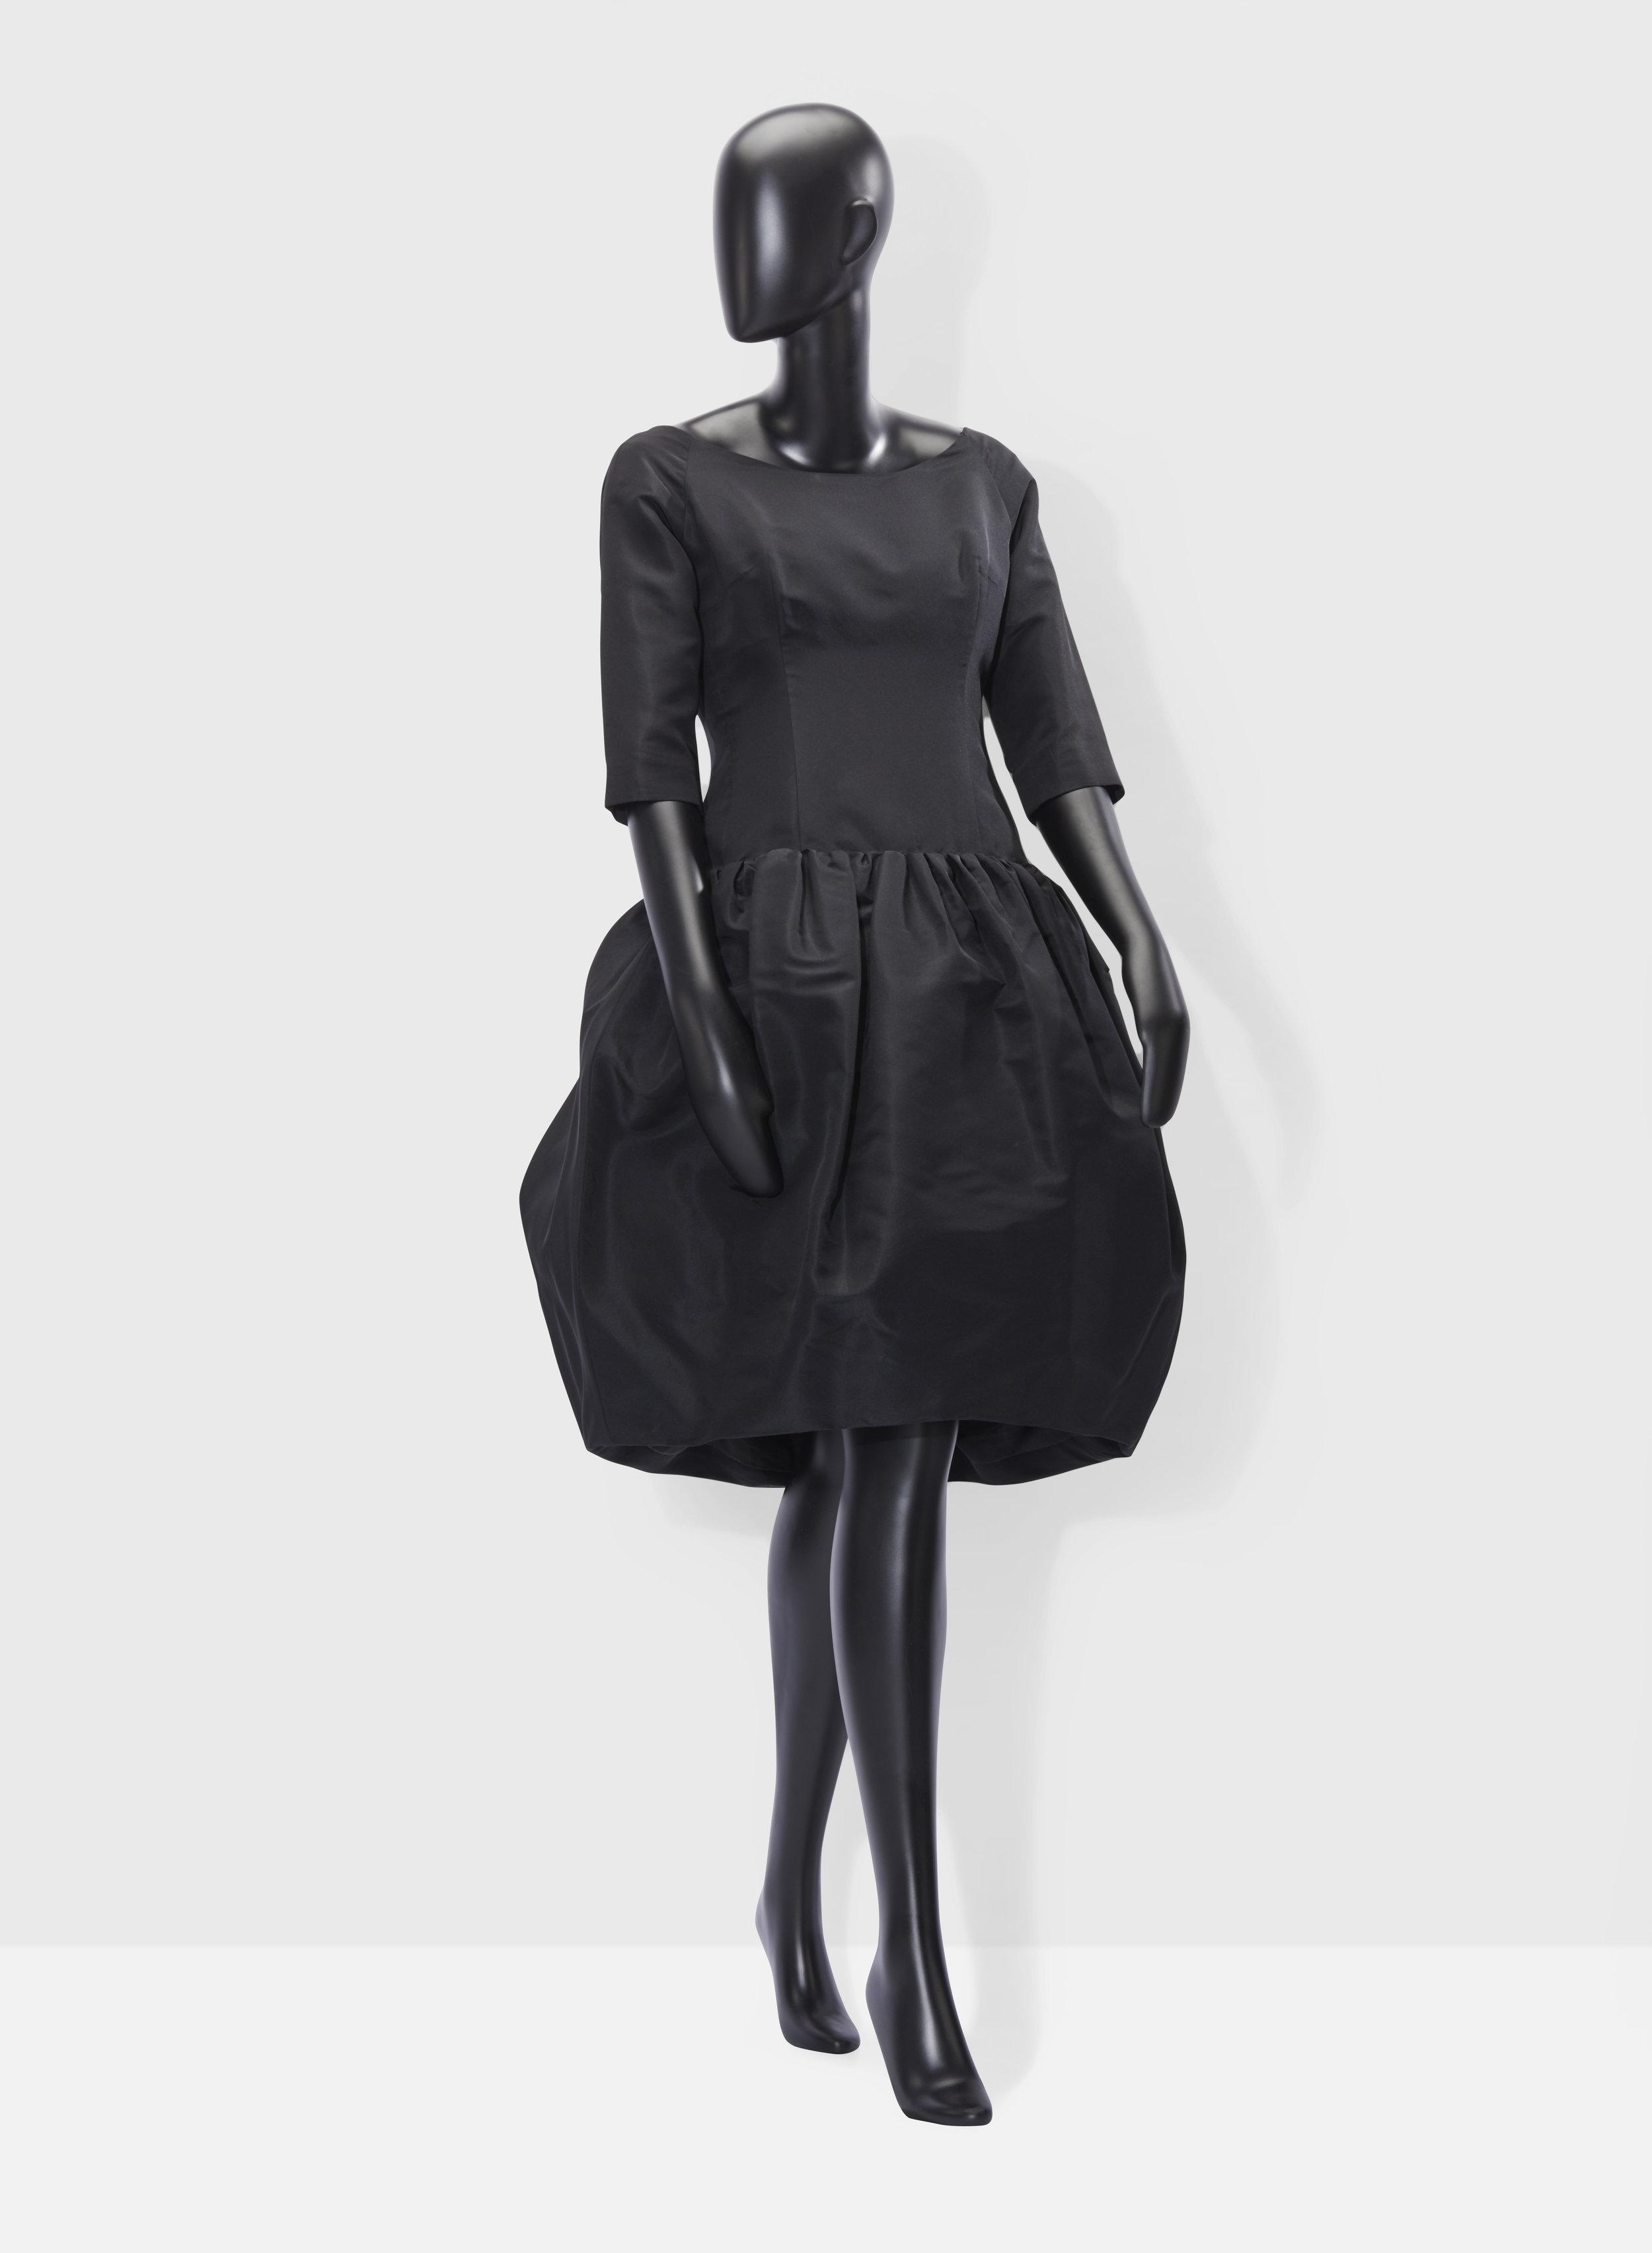 Christian Dior par Yves Saint Laurent  Autumn / Winter 1960    A silk faille cocktail dress  Estimate : €1,500-2,500